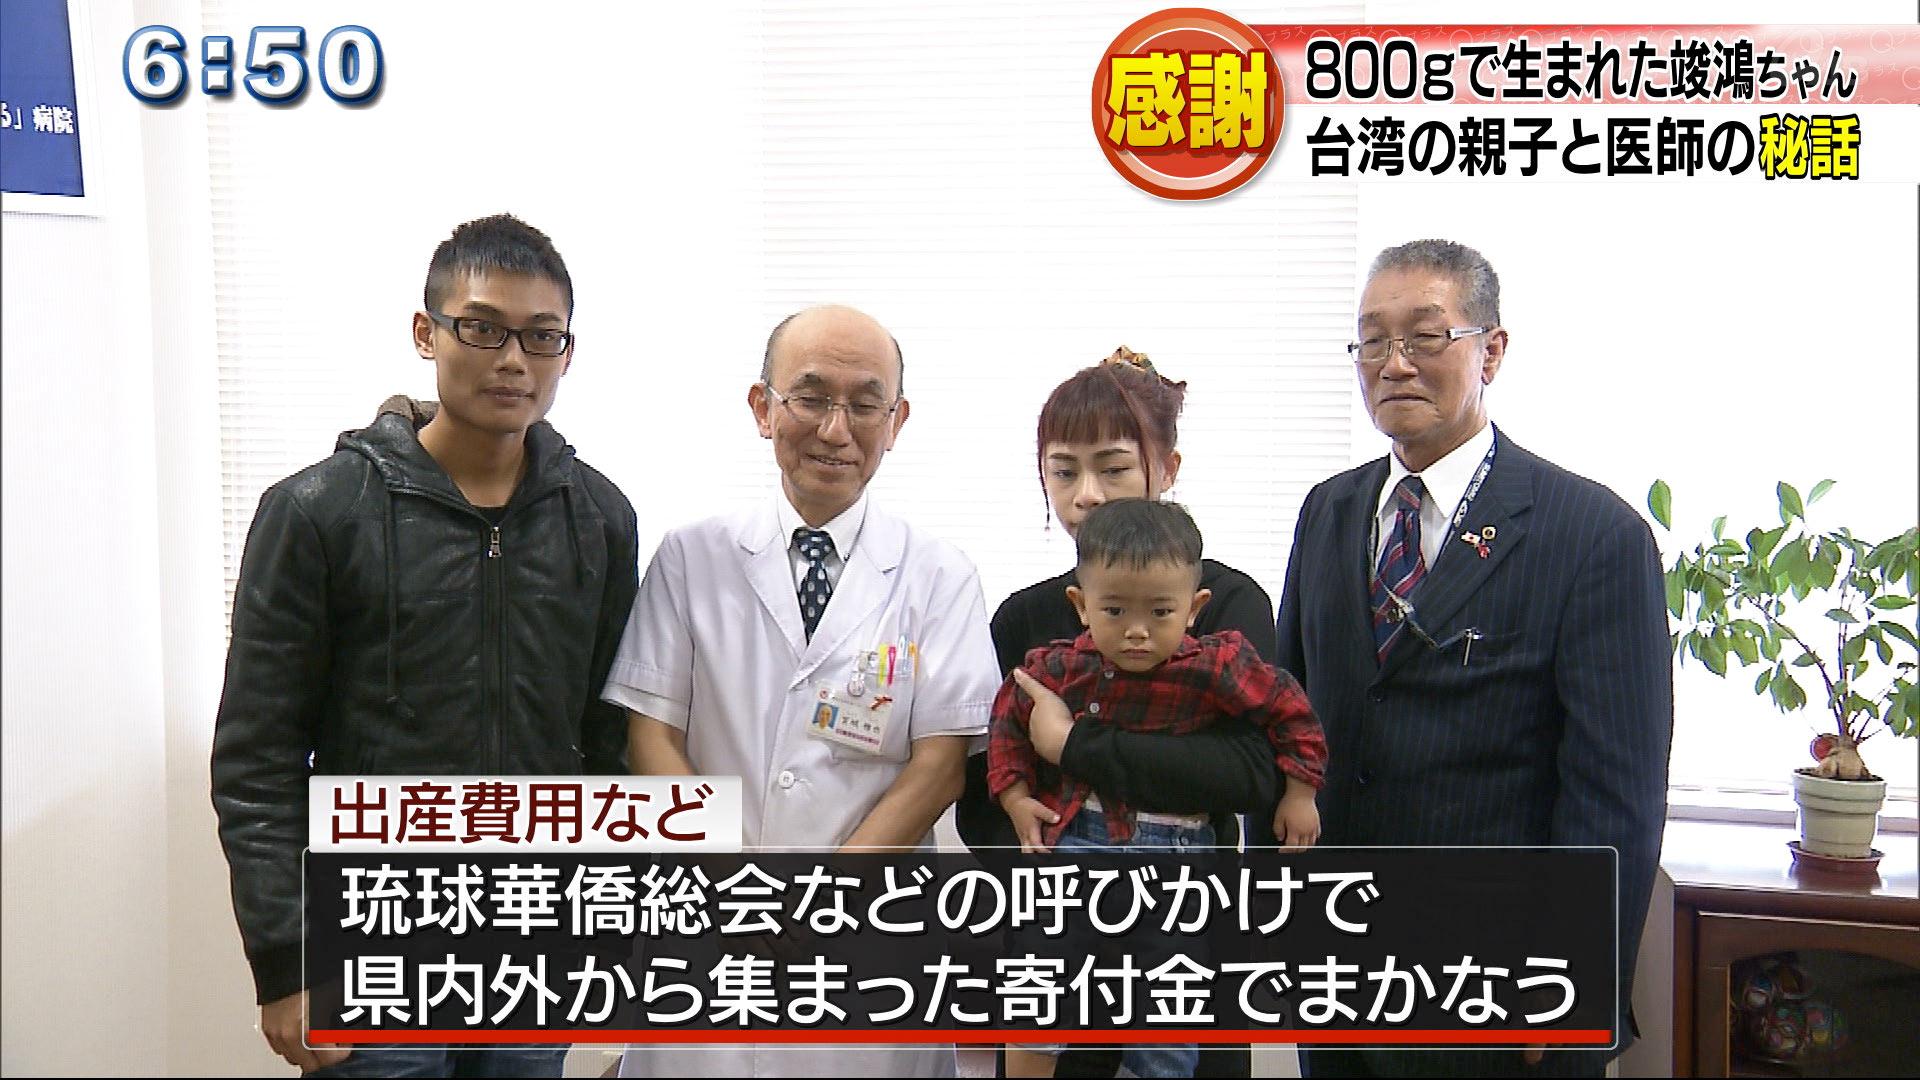 沖縄で生まれた台湾の男の子 病院訪問